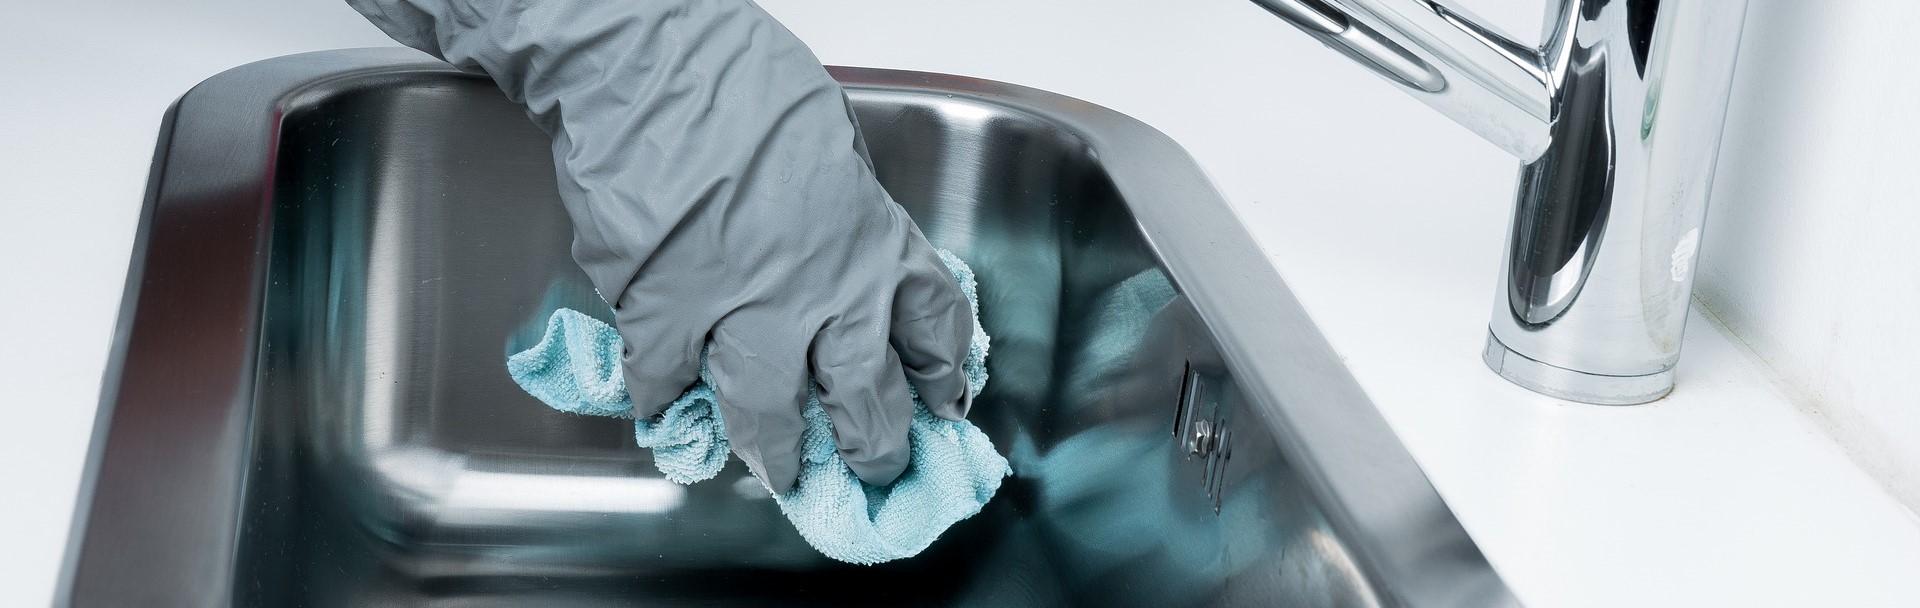 Beneficios del outsourcing en limpieza y mantenimiento